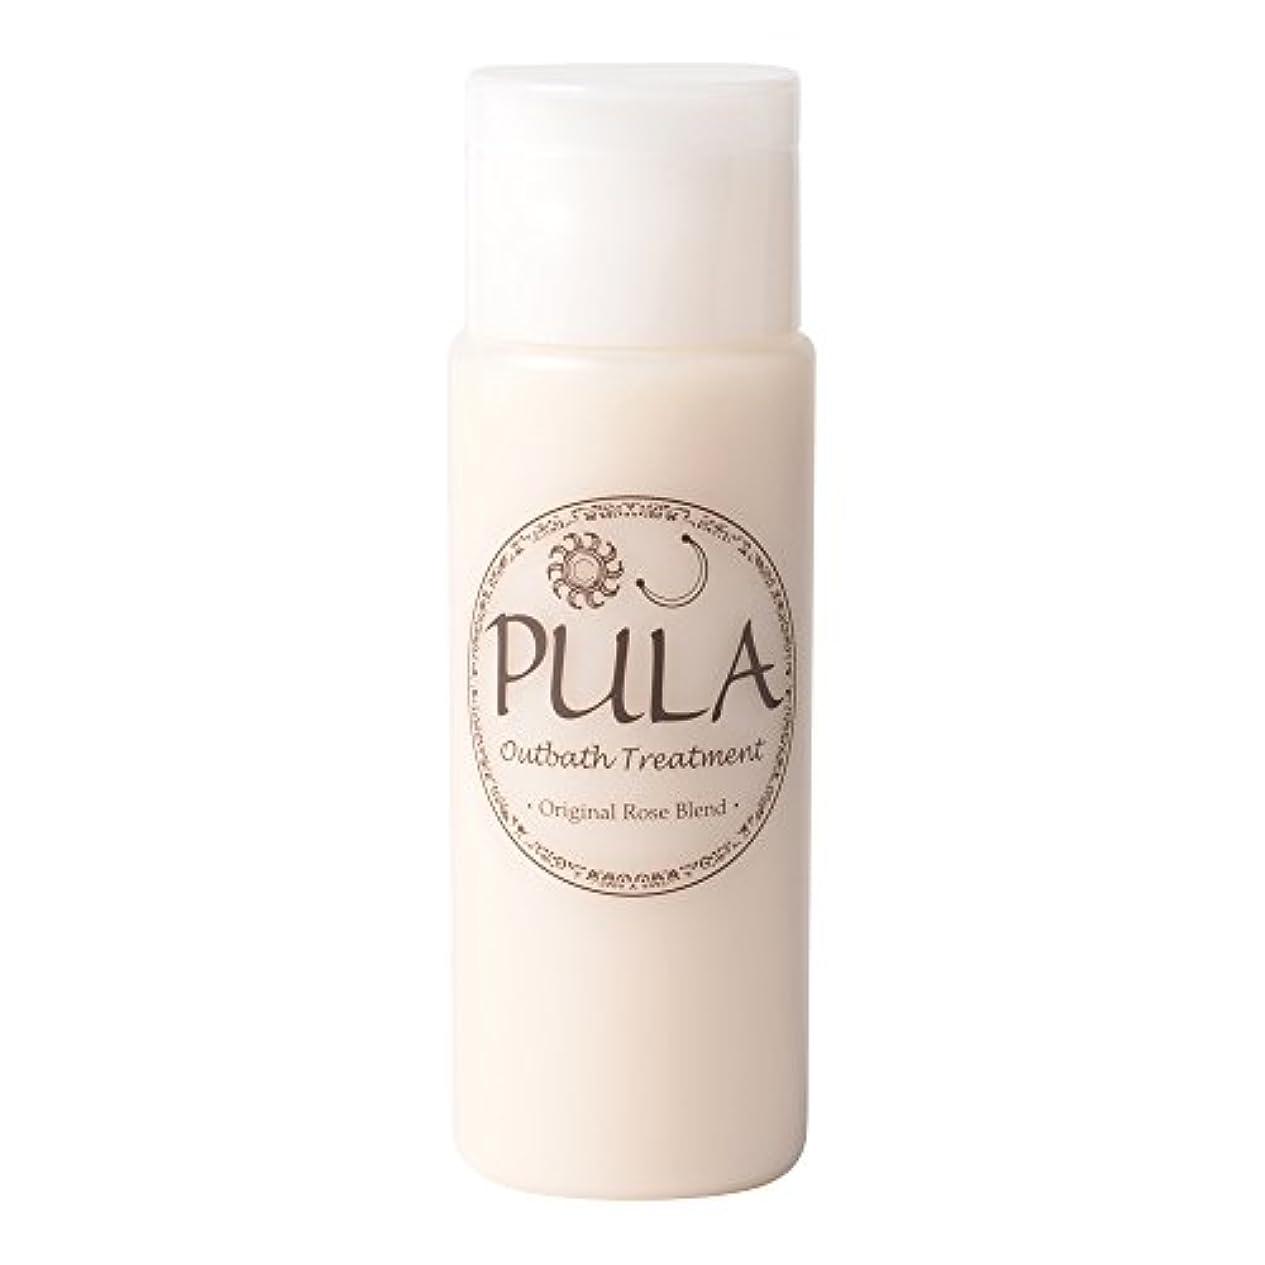 太い者貫通するプーラ アウトバストリートメント 150mL 【ローズの香り】洗い流さないタイプのトリートメント  ヘッドスパ専門店 PULA